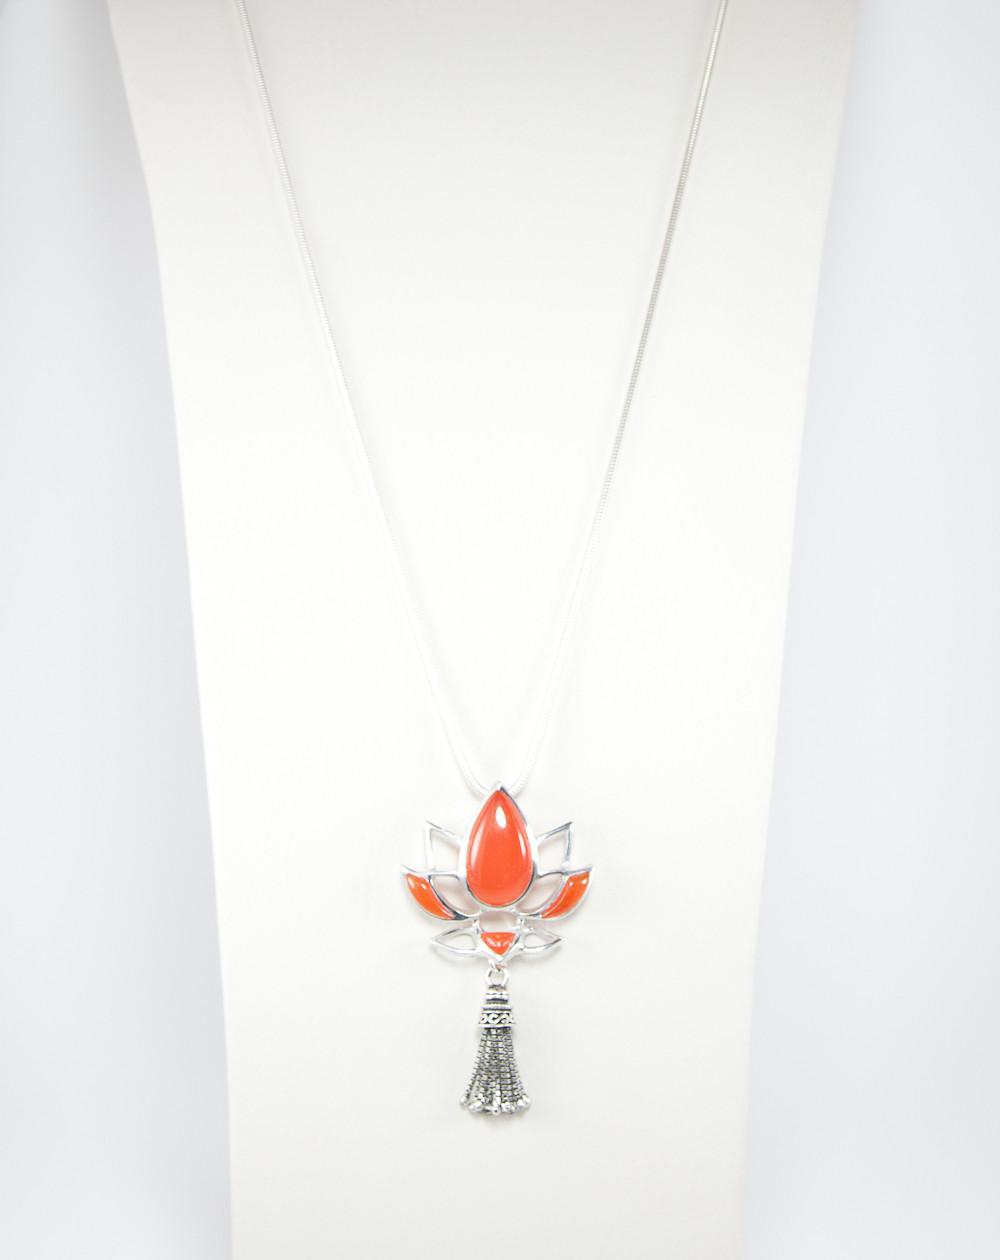 Pendentif fleur de Lotus Cornaline, Grand modèle, collection Khépri